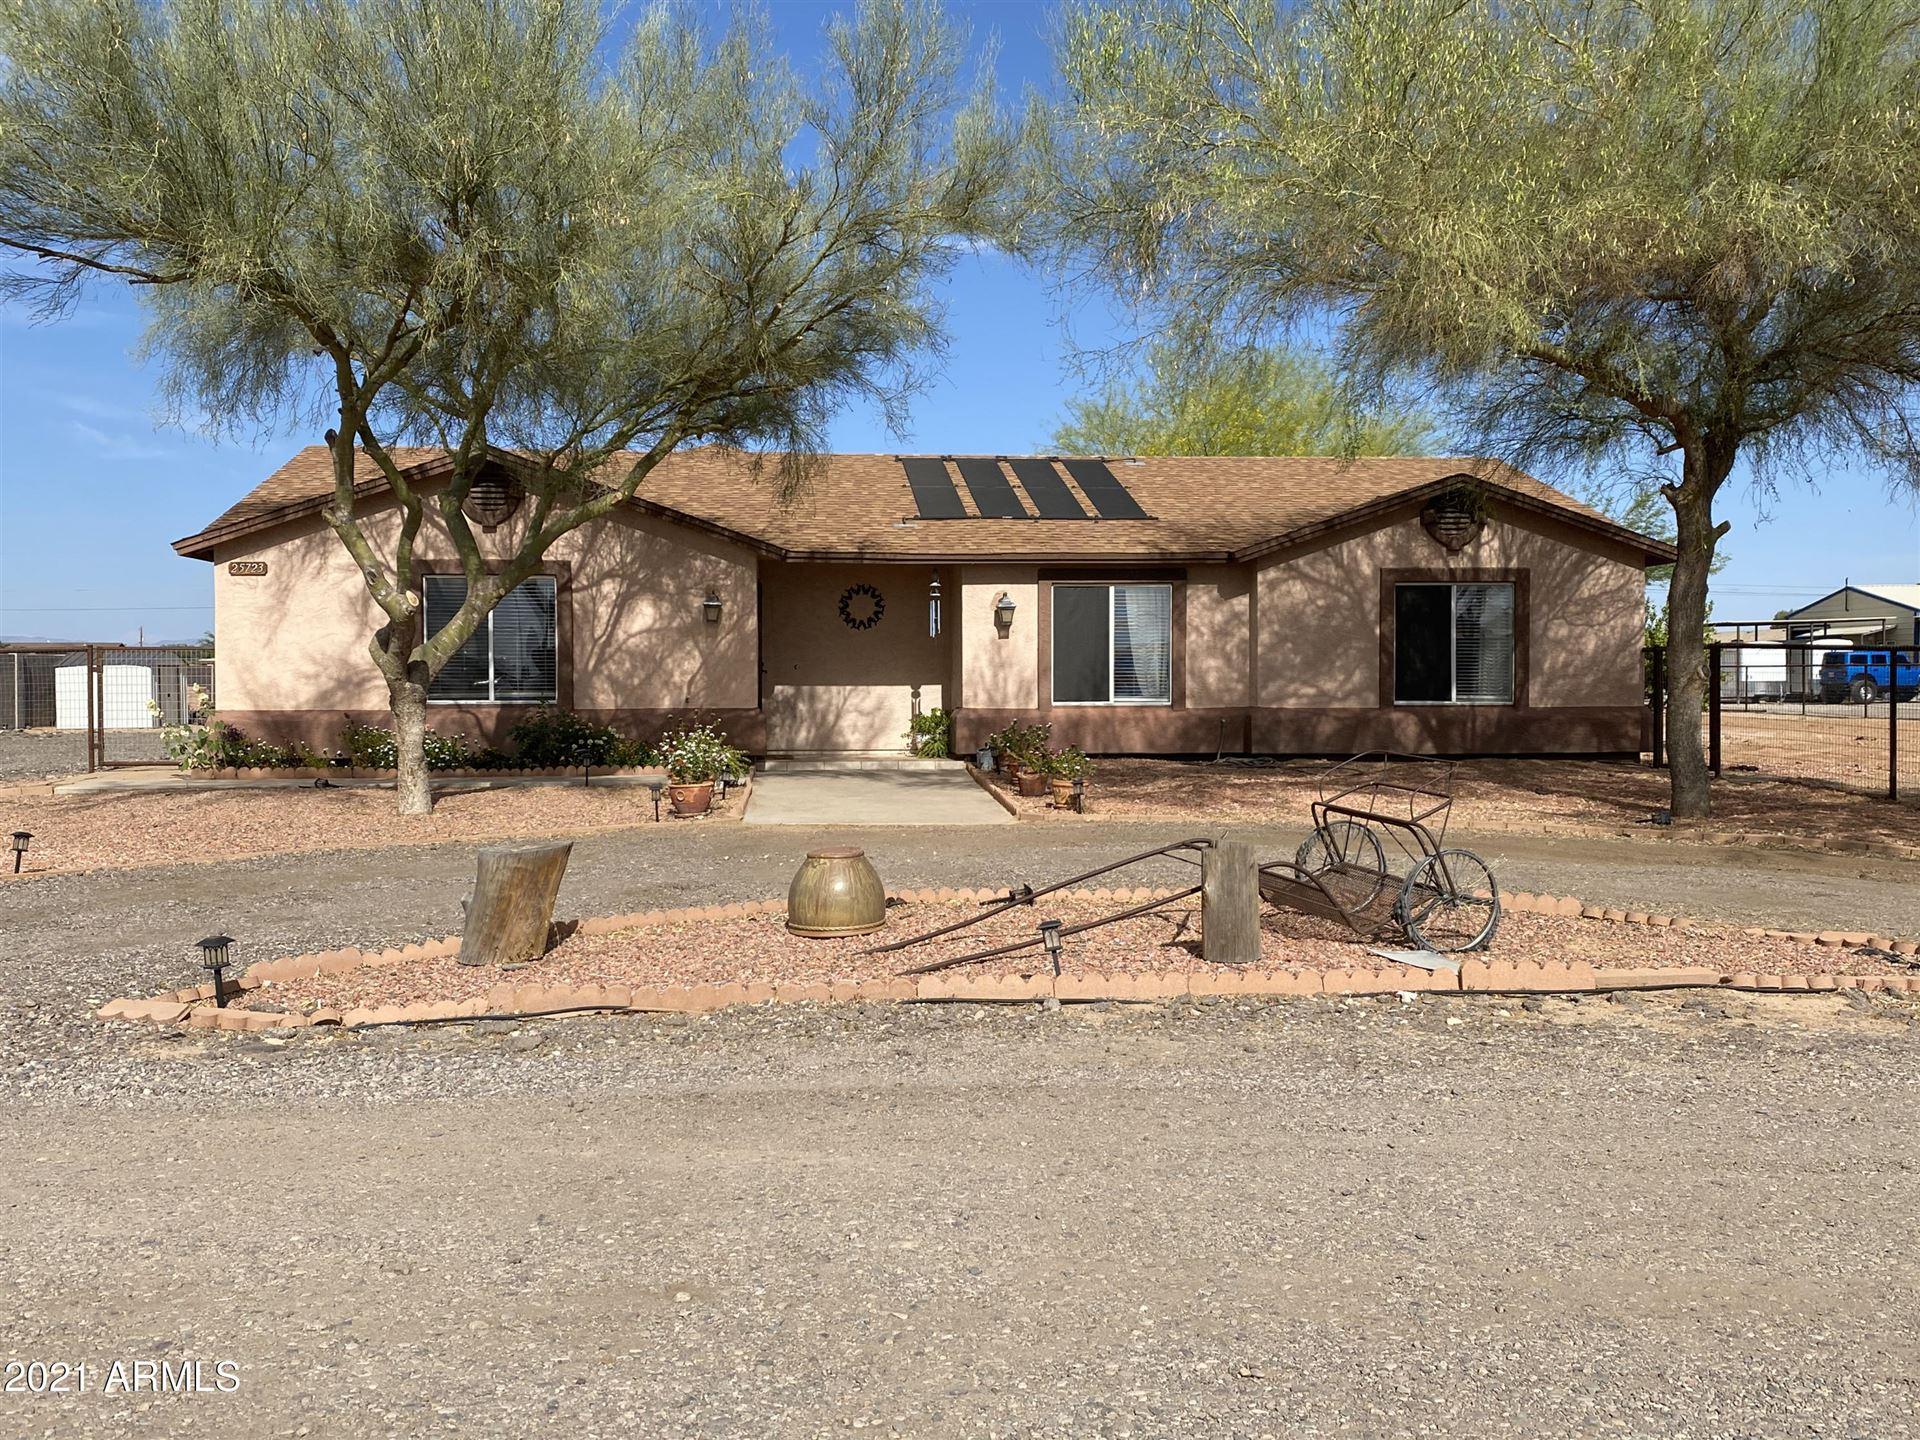 Photo of 25723 S HAWES Road, Queen Creek, AZ 85142 (MLS # 6231747)